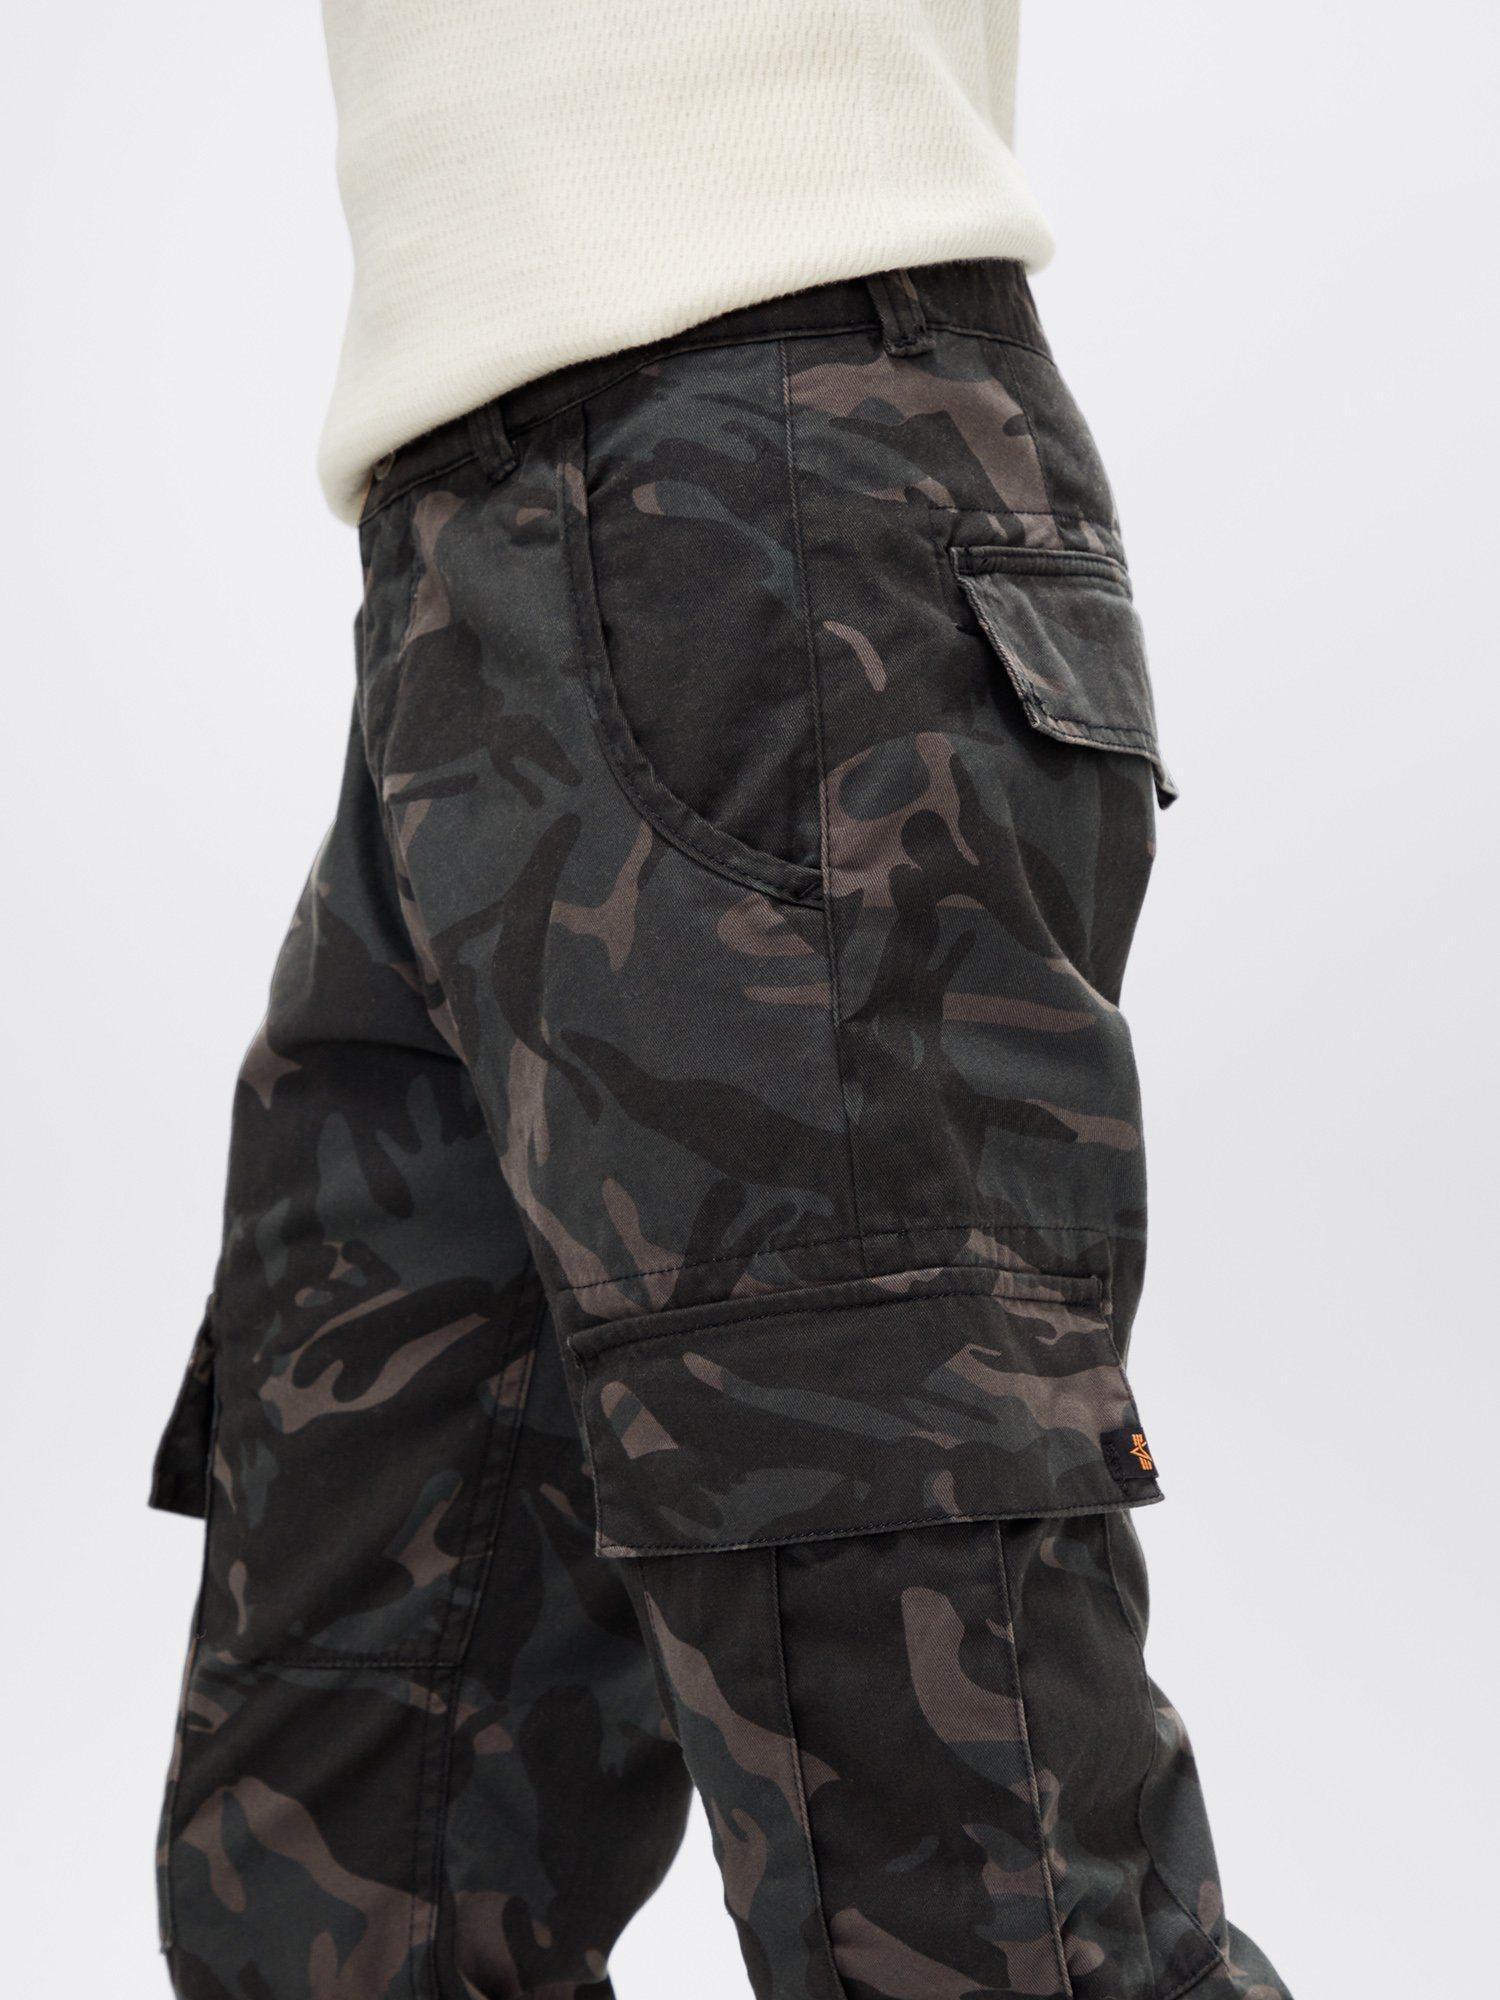 Hose Black Camo Alpha Industries Agent C Pant Shorts